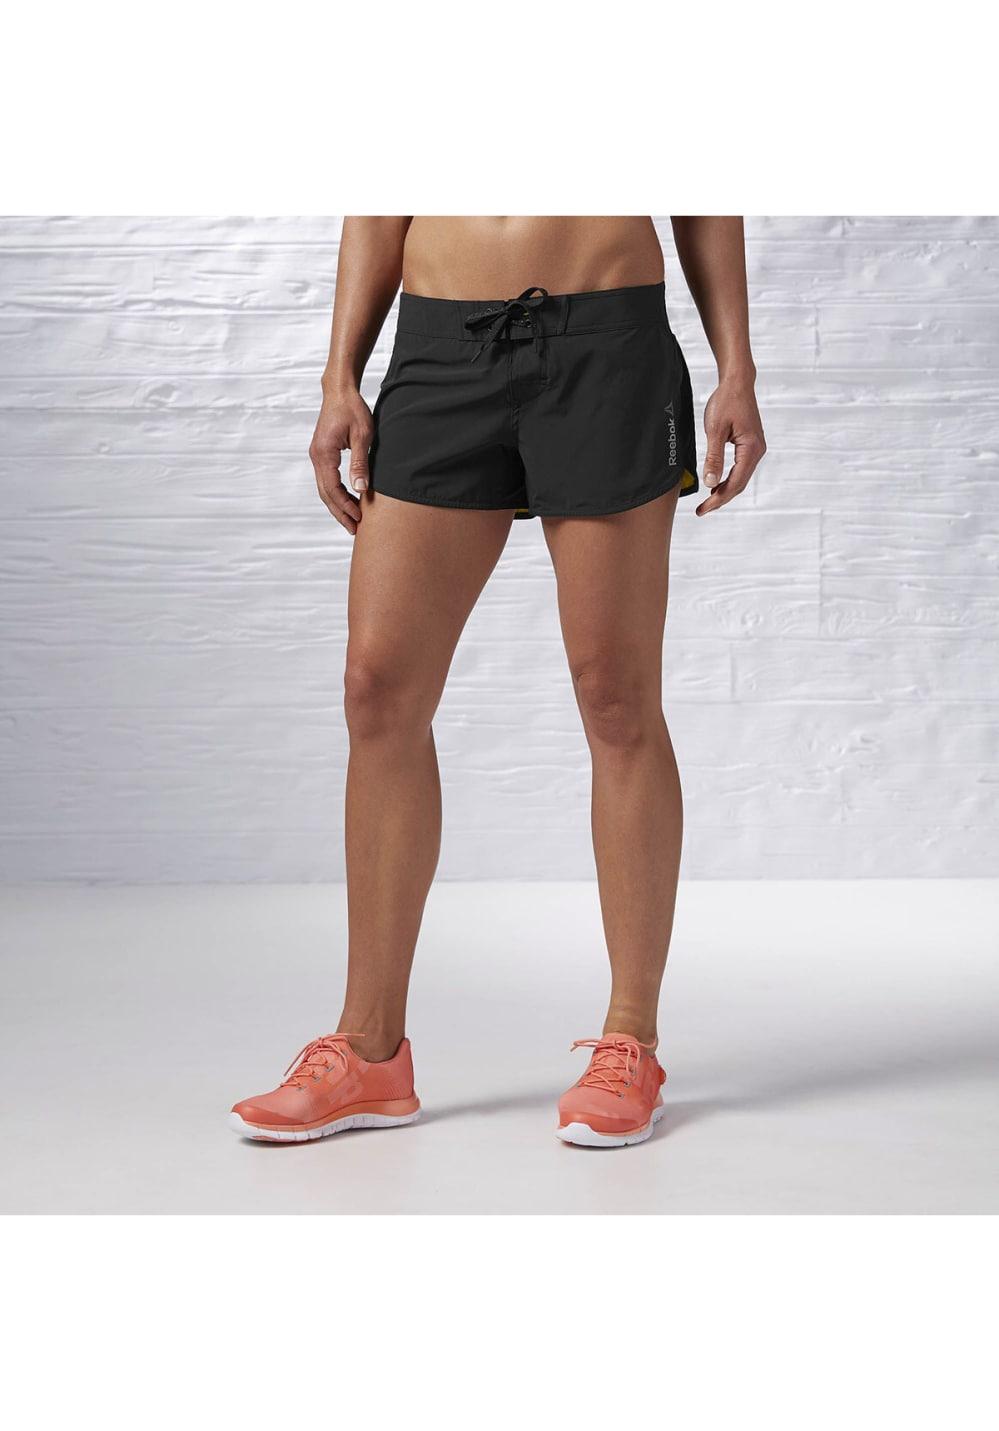 Reebok One Series Cordura One Short - Fitnesshosen für Damen - Schwarz, Gr. L